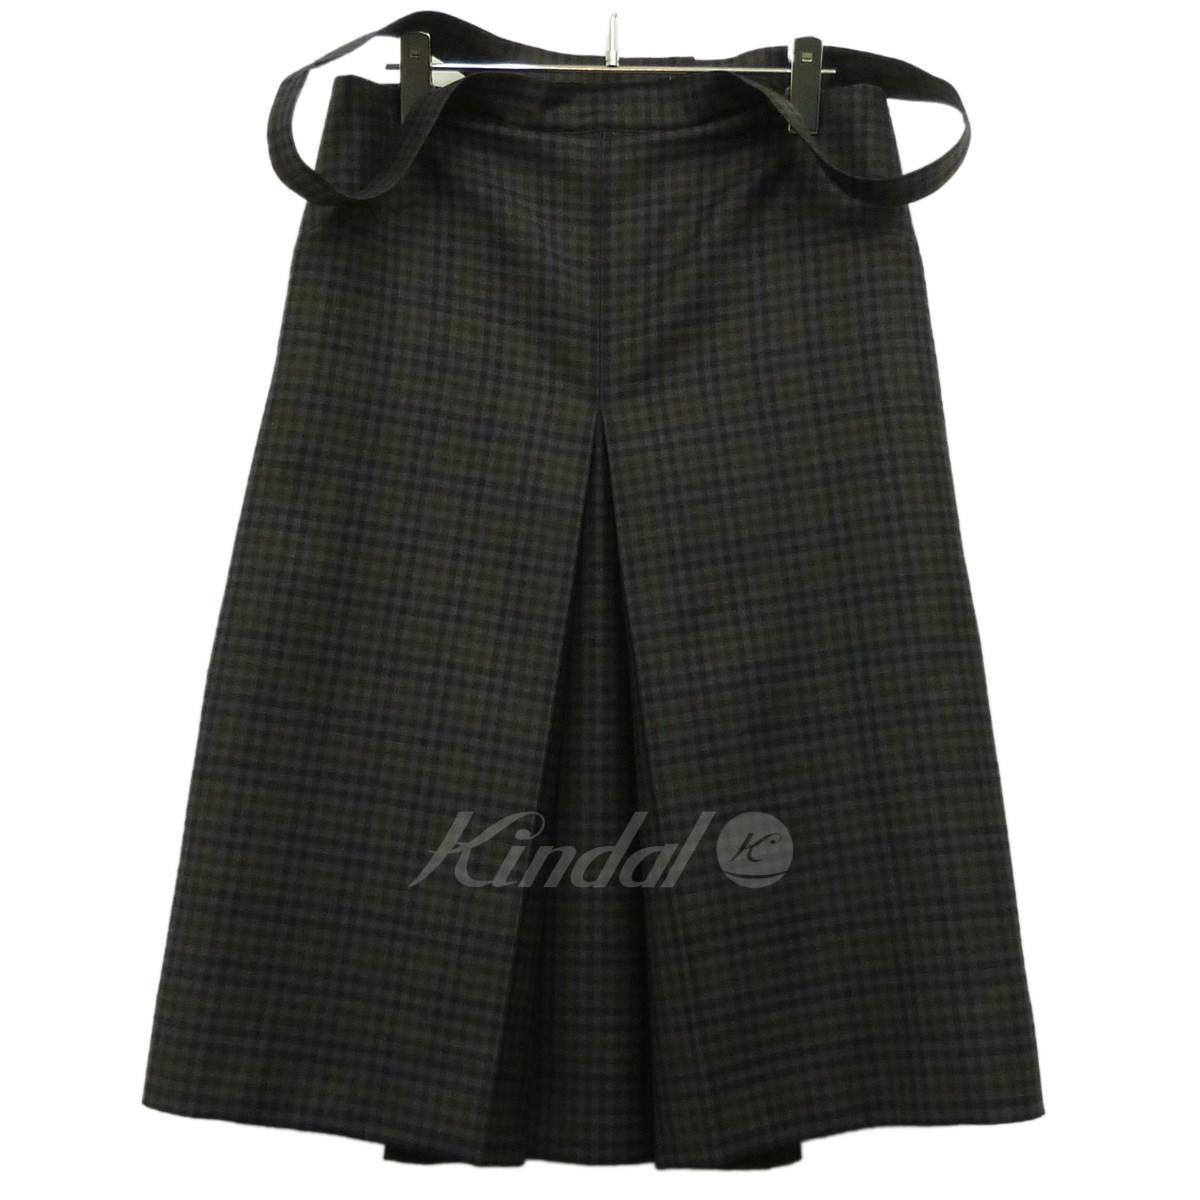 【中古】BALENCIAGA 17SS「box pleat checked dress」チェックボックスドレスワンピース 【送料無料】 【139753】 【KIND1550】